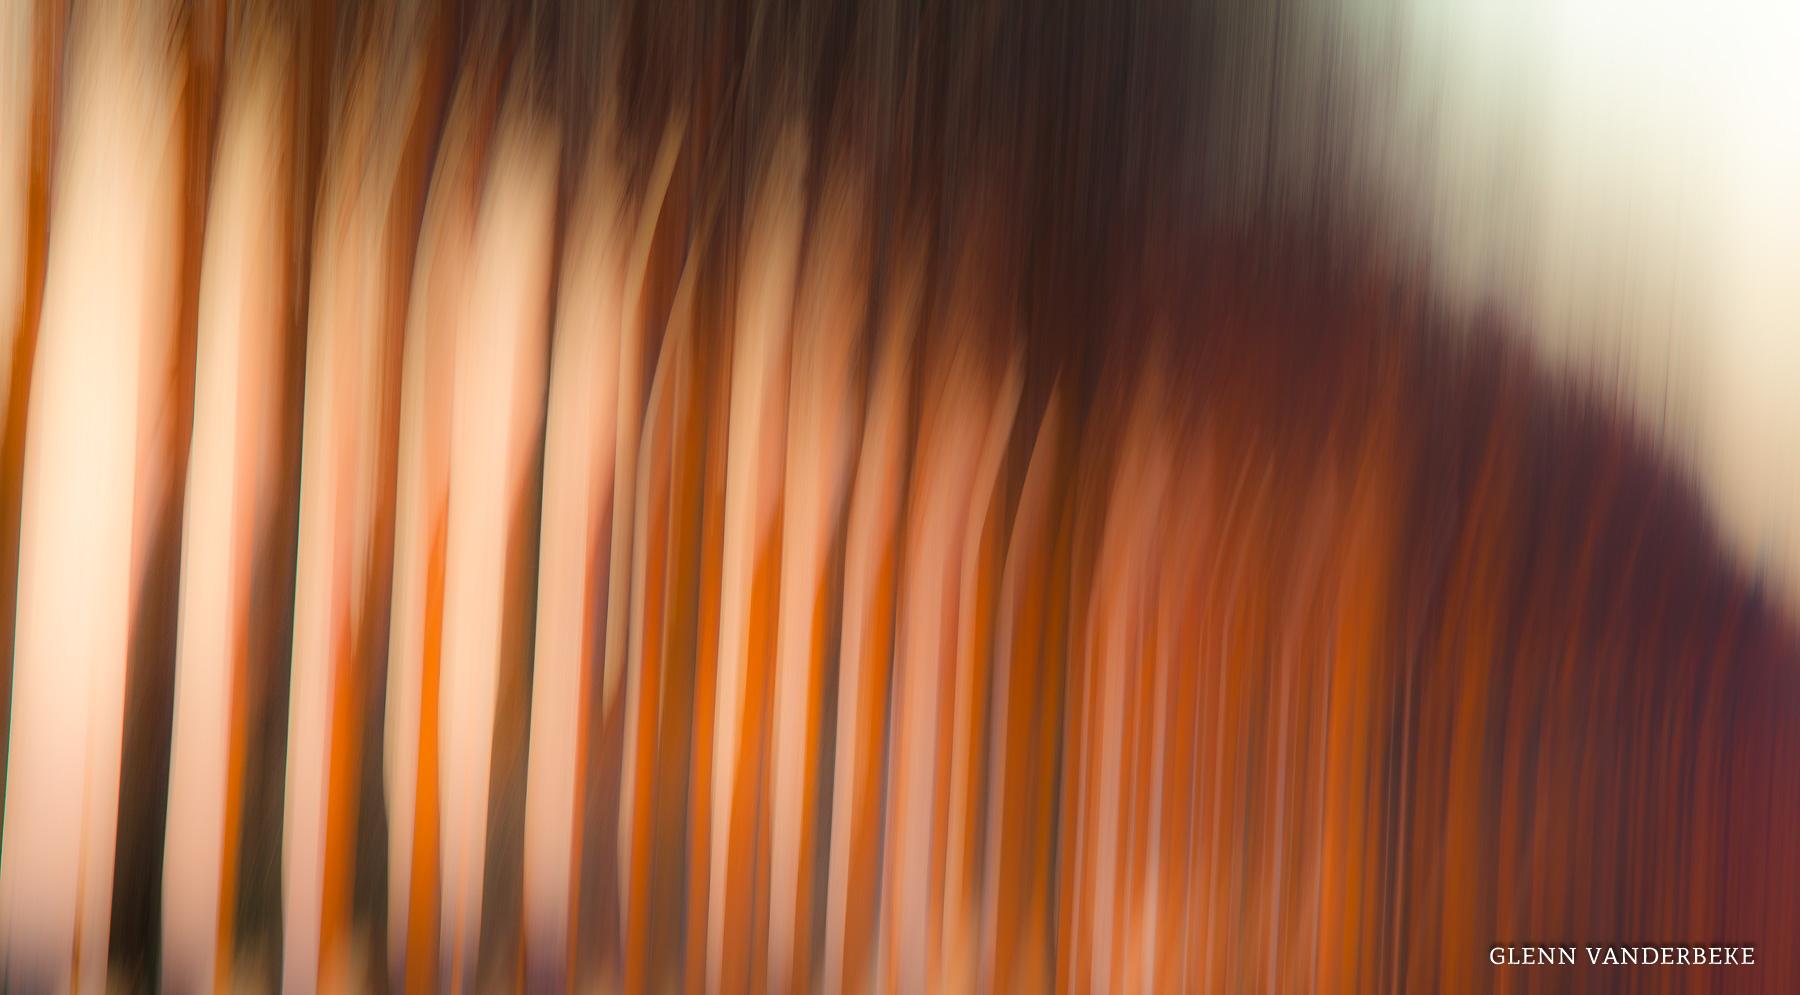 glenn vanderbeke, glenn vanderbeke fotografie, glenn vanderbeke belgisch landschapsfotograaf, landschapsfotograaf, landschapsfotografie glenn vanderbeke, landscape photographer glenn vanderbeke, fine art photographer Glenn Vanderbeke, Belgische landschapsfotograaf, landschapsfotografie west-vlaanderen, west vlaamse landschapsfotograaf, België, Damme, Damse vaart, Damse vaart fotografie